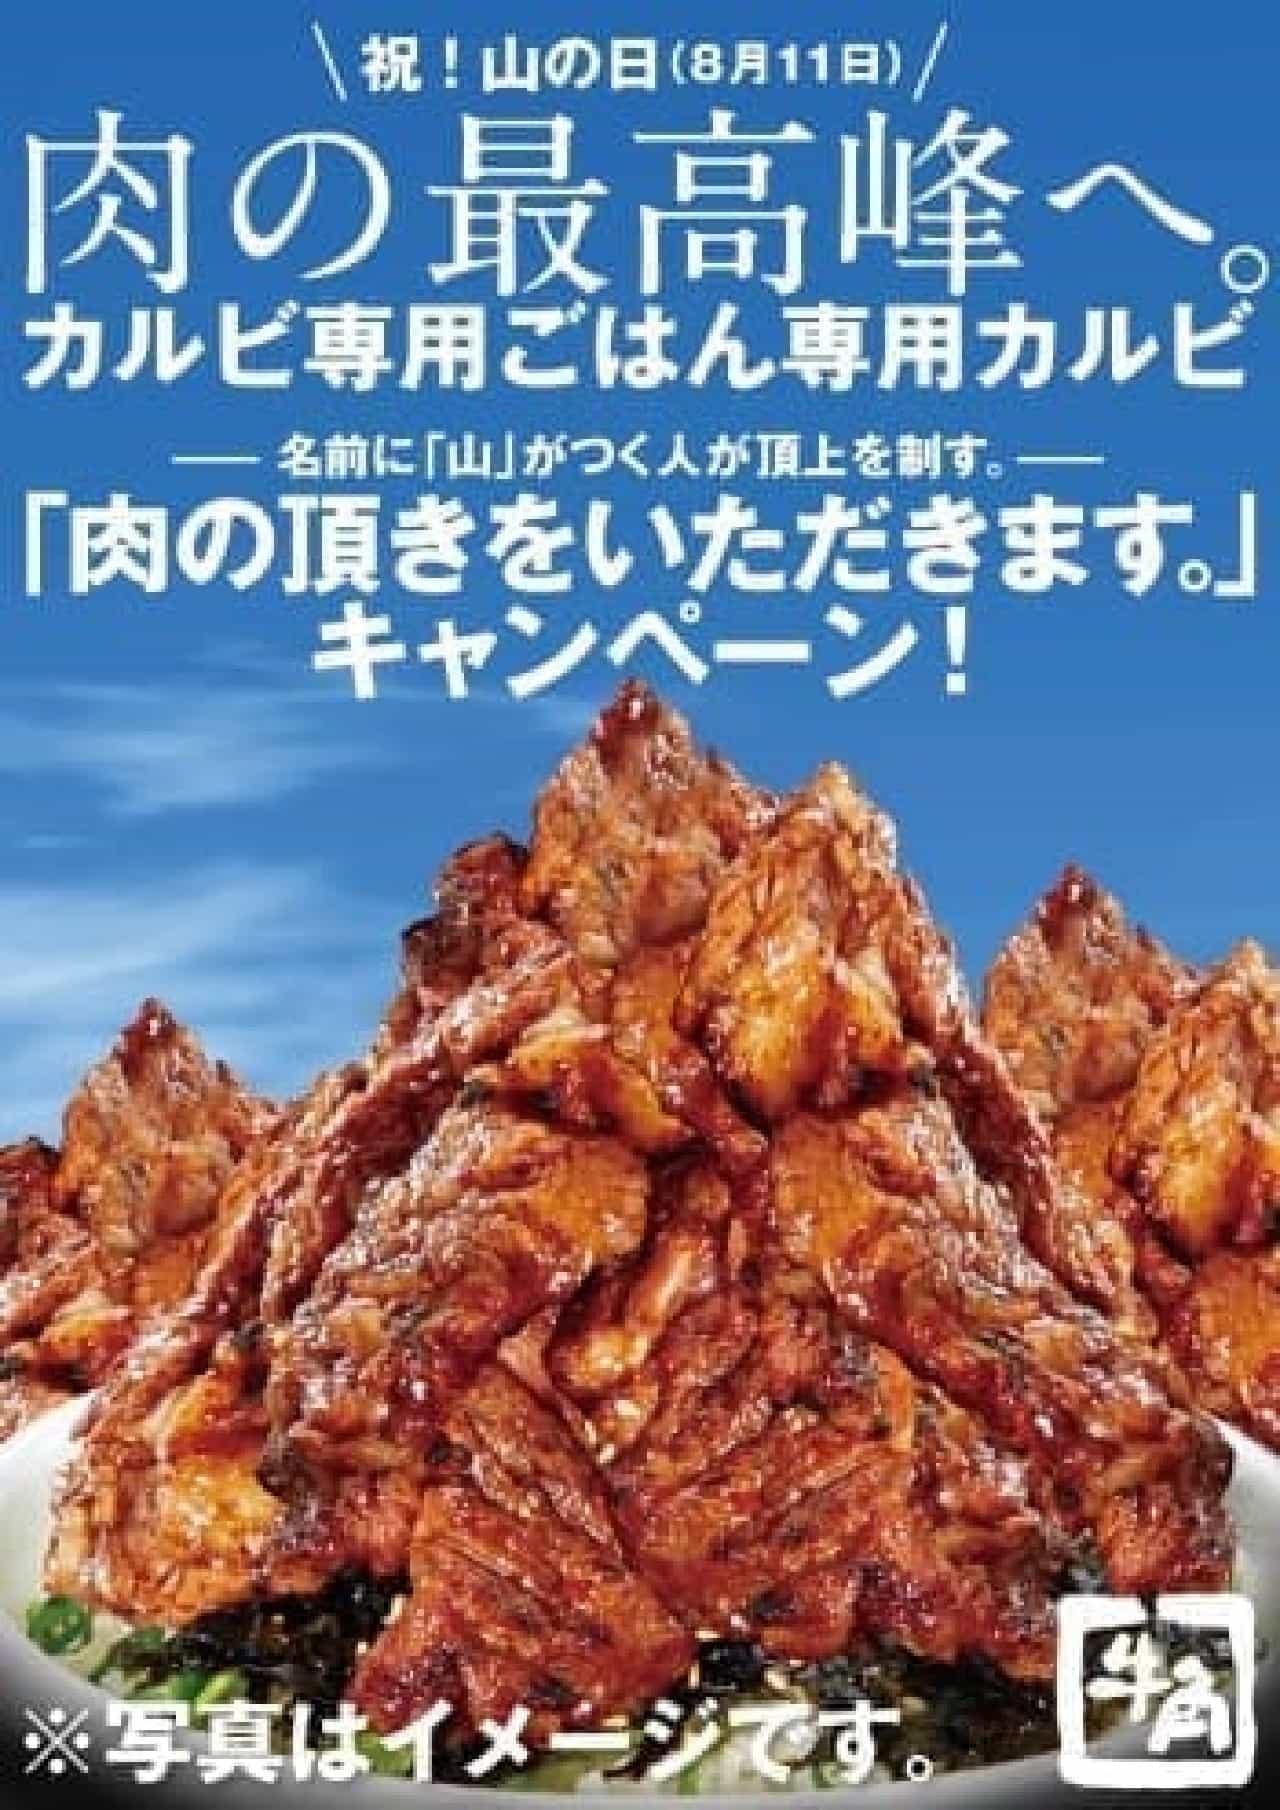 牛角「肉の頂きをいただきます。キャンペーン」